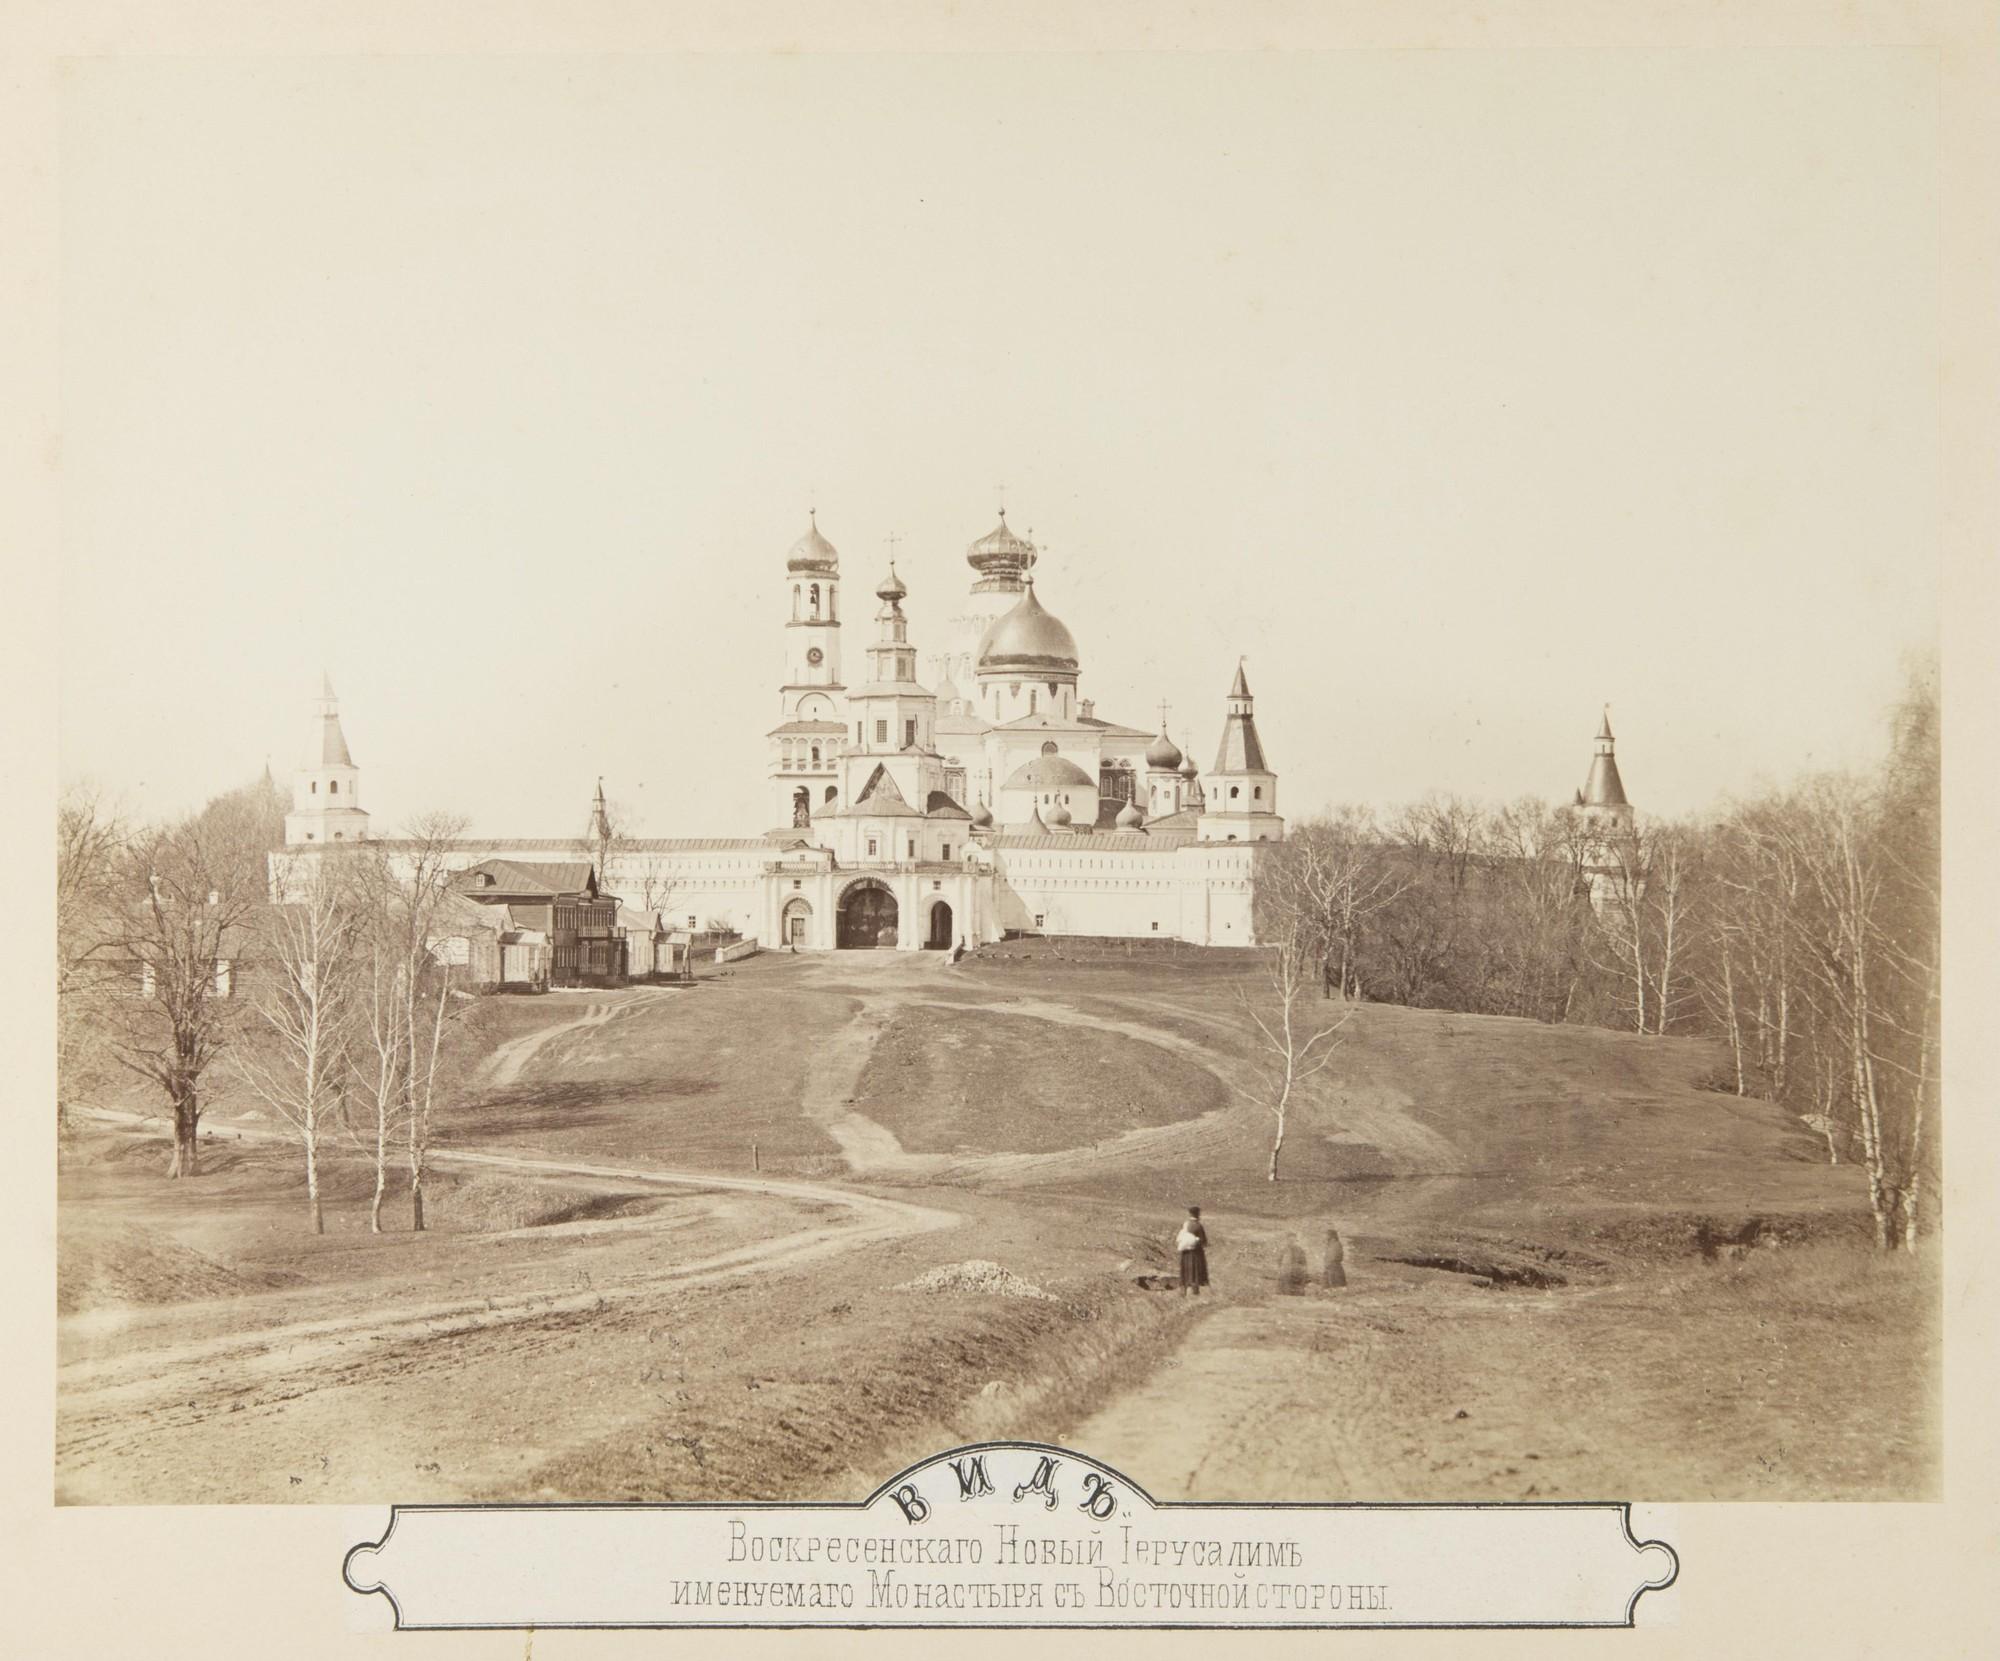 Вид Воскресенского Новоиерусалимского монастыря с восточной стороны